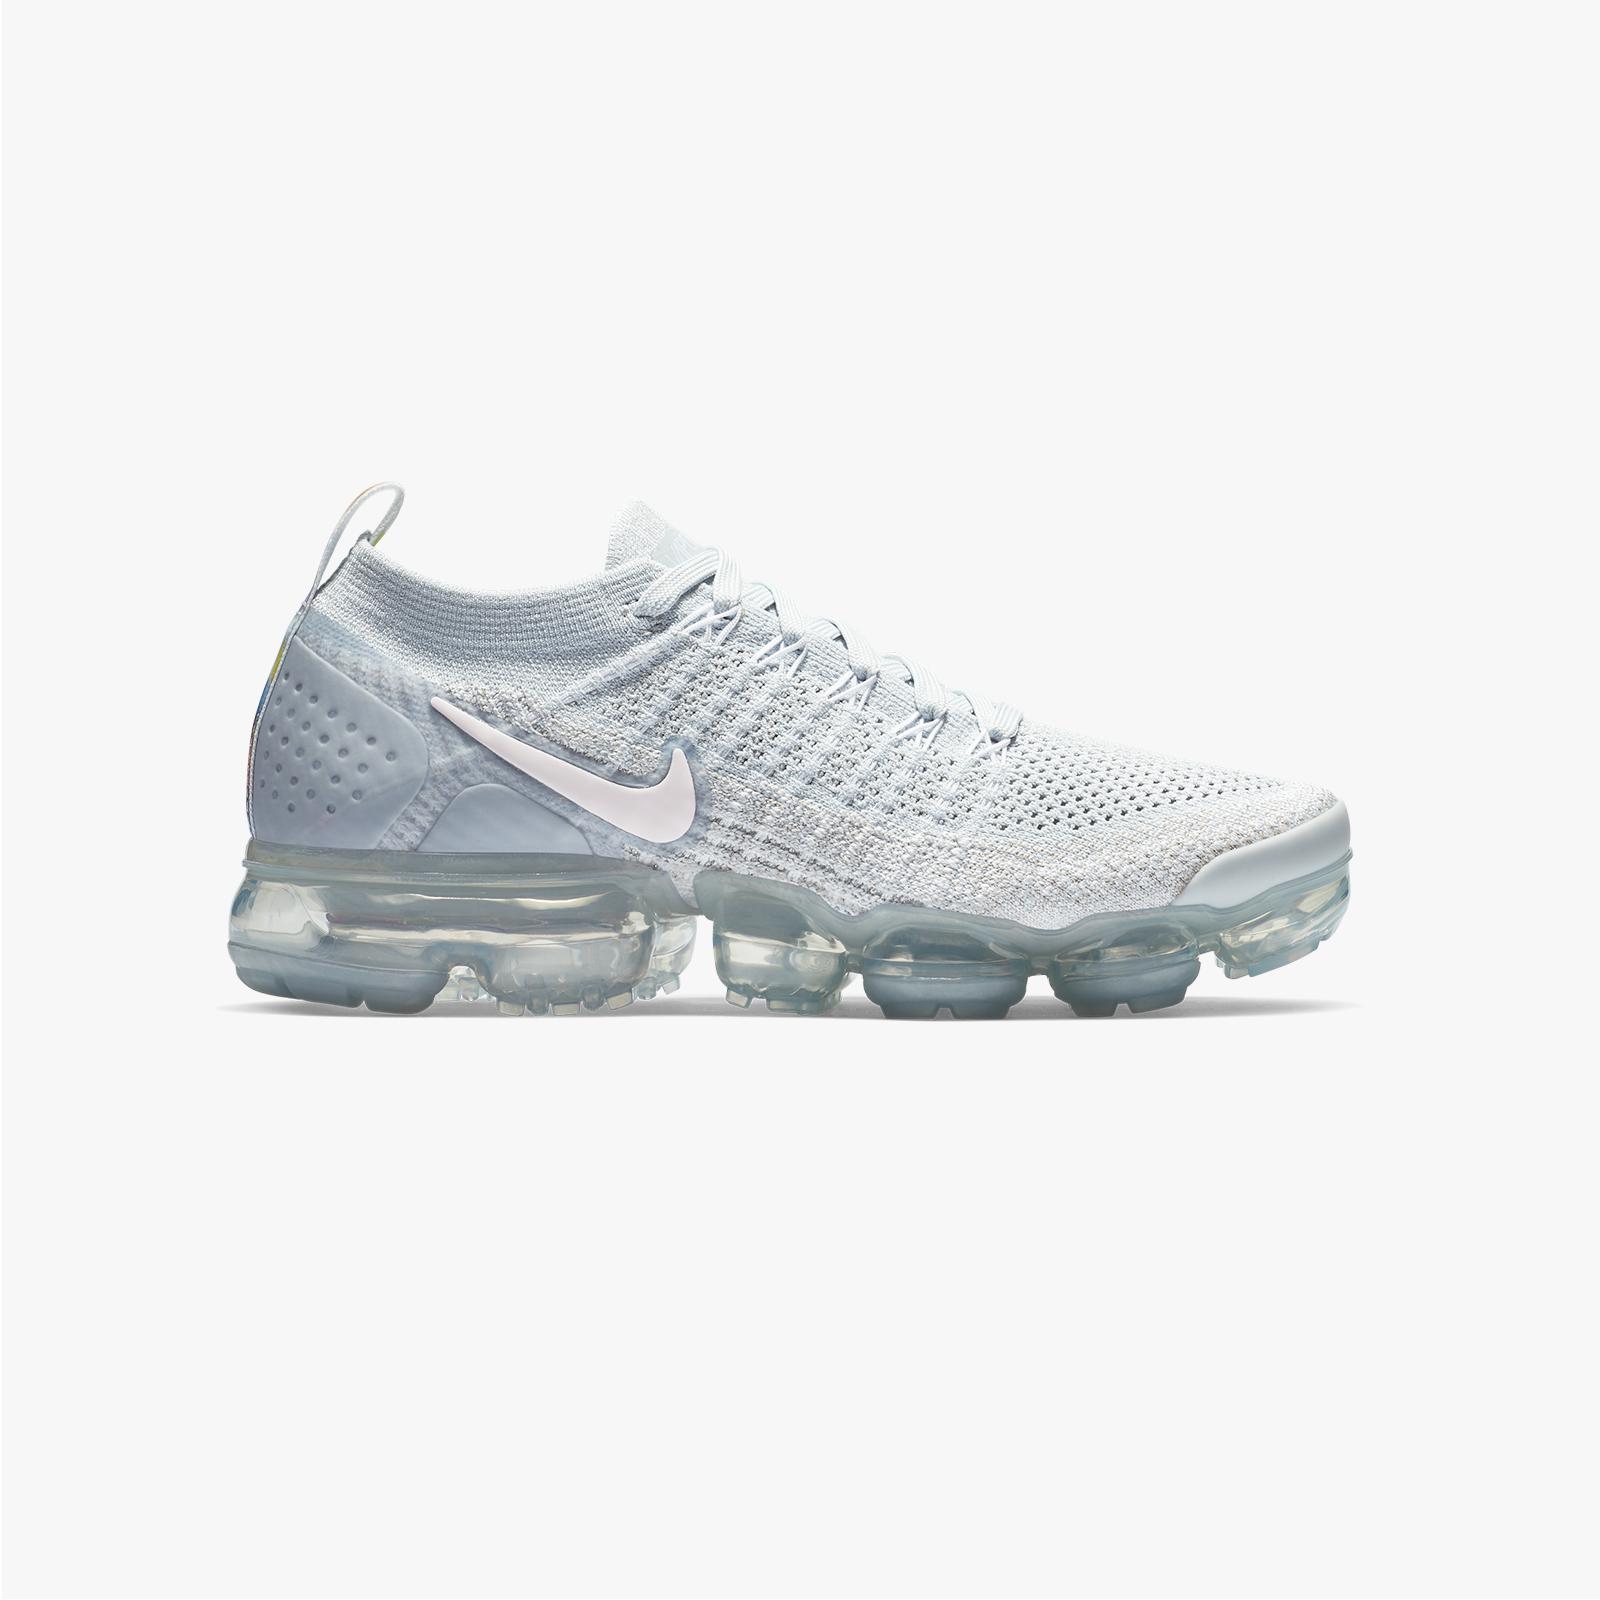 7baf7d08ed0d5 Nike Wmns Air Vapormax Flyknit 2 - 942843-011 - Sneakersnstuff ...